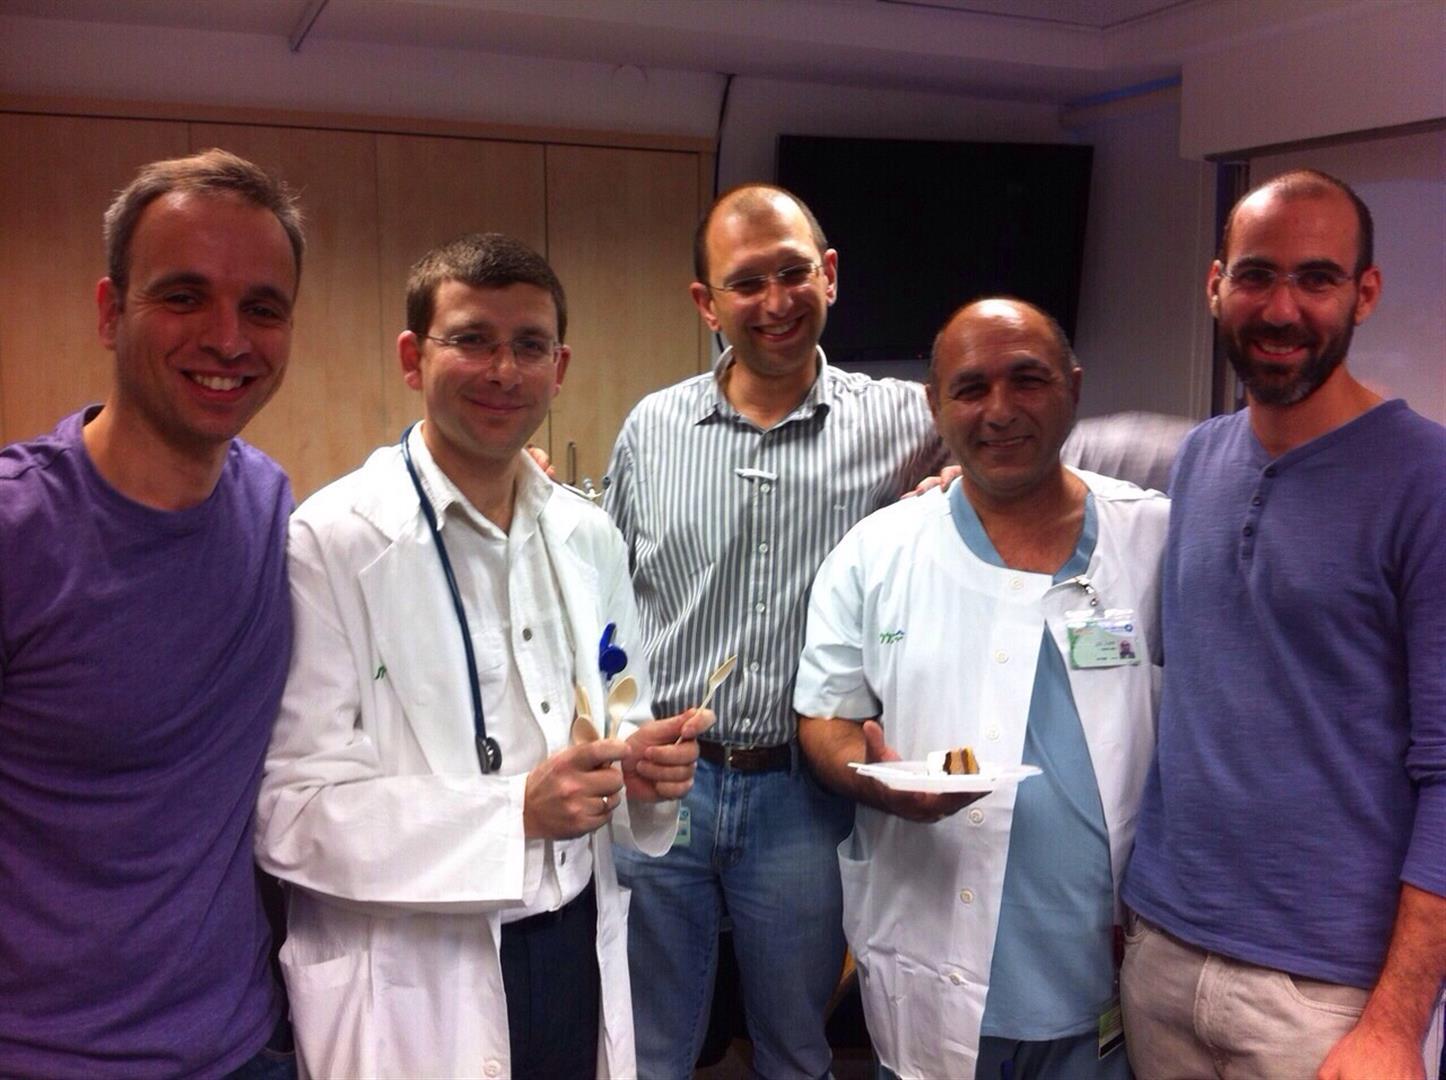 """ד""""ר גולדין (במרכז) עם החברים הרופאים במחלקה האורולוגית במרכז הרפואי כרמל (  )"""